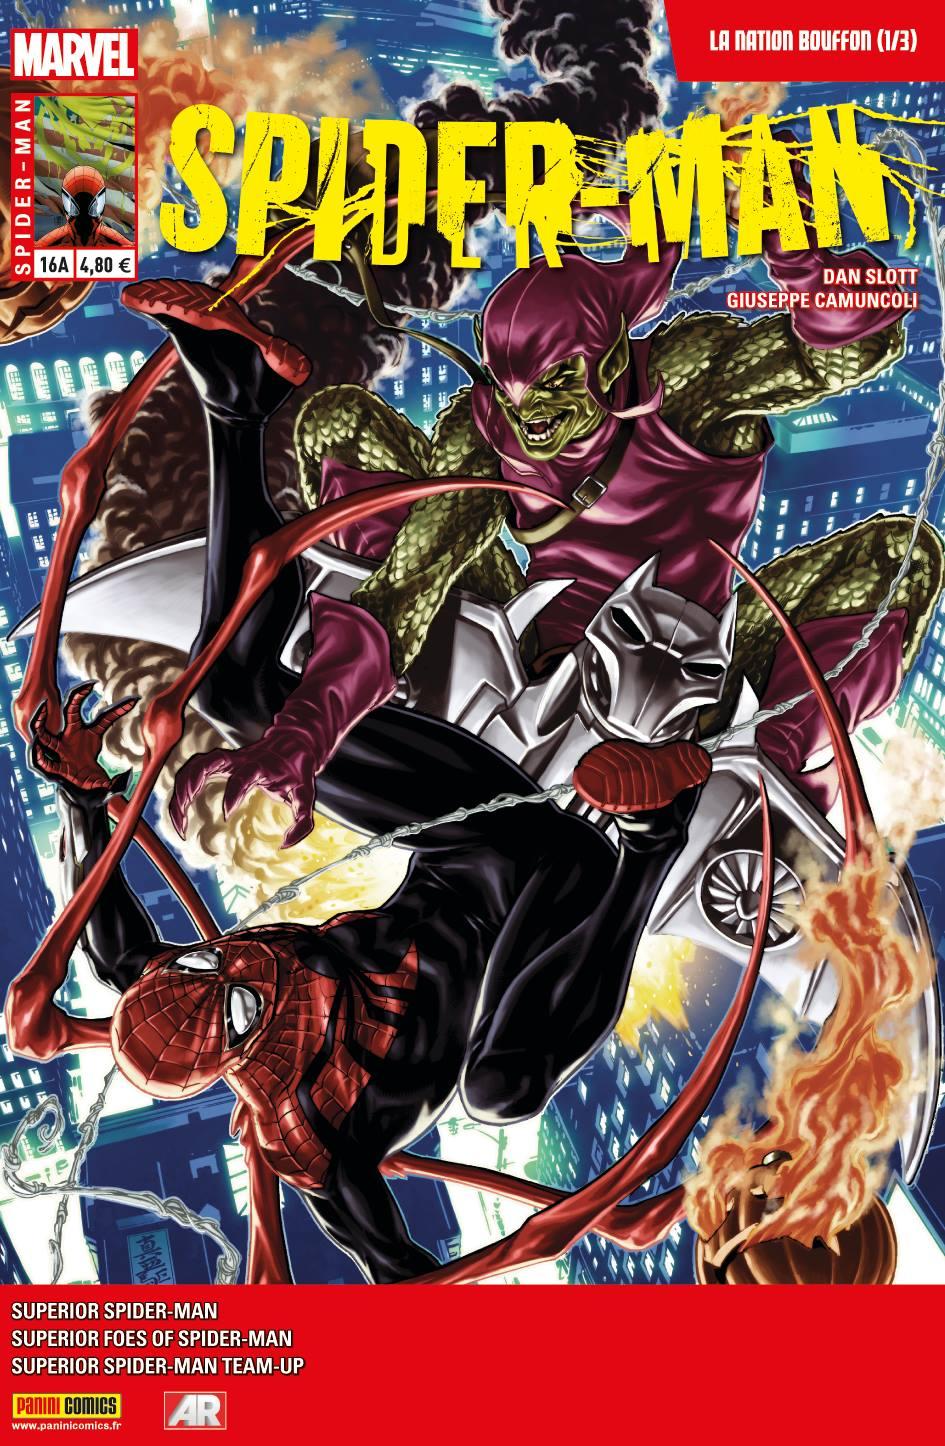 SPIDER-MAN 16 : LA NATION BOUFFON 1 (sur 3) (Couv A)